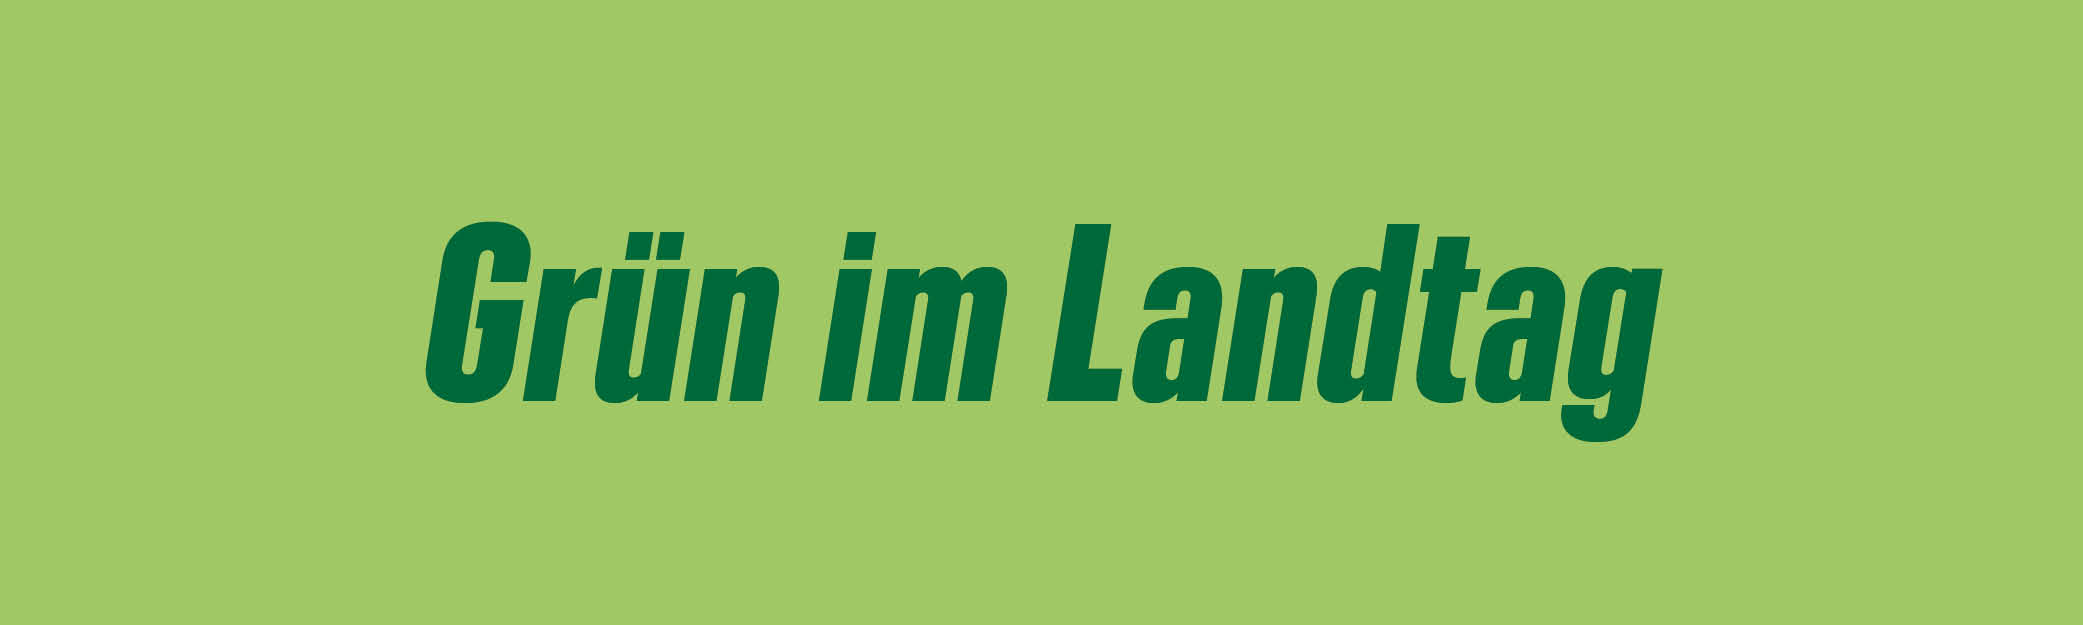 Grüne Landtagsfraktion